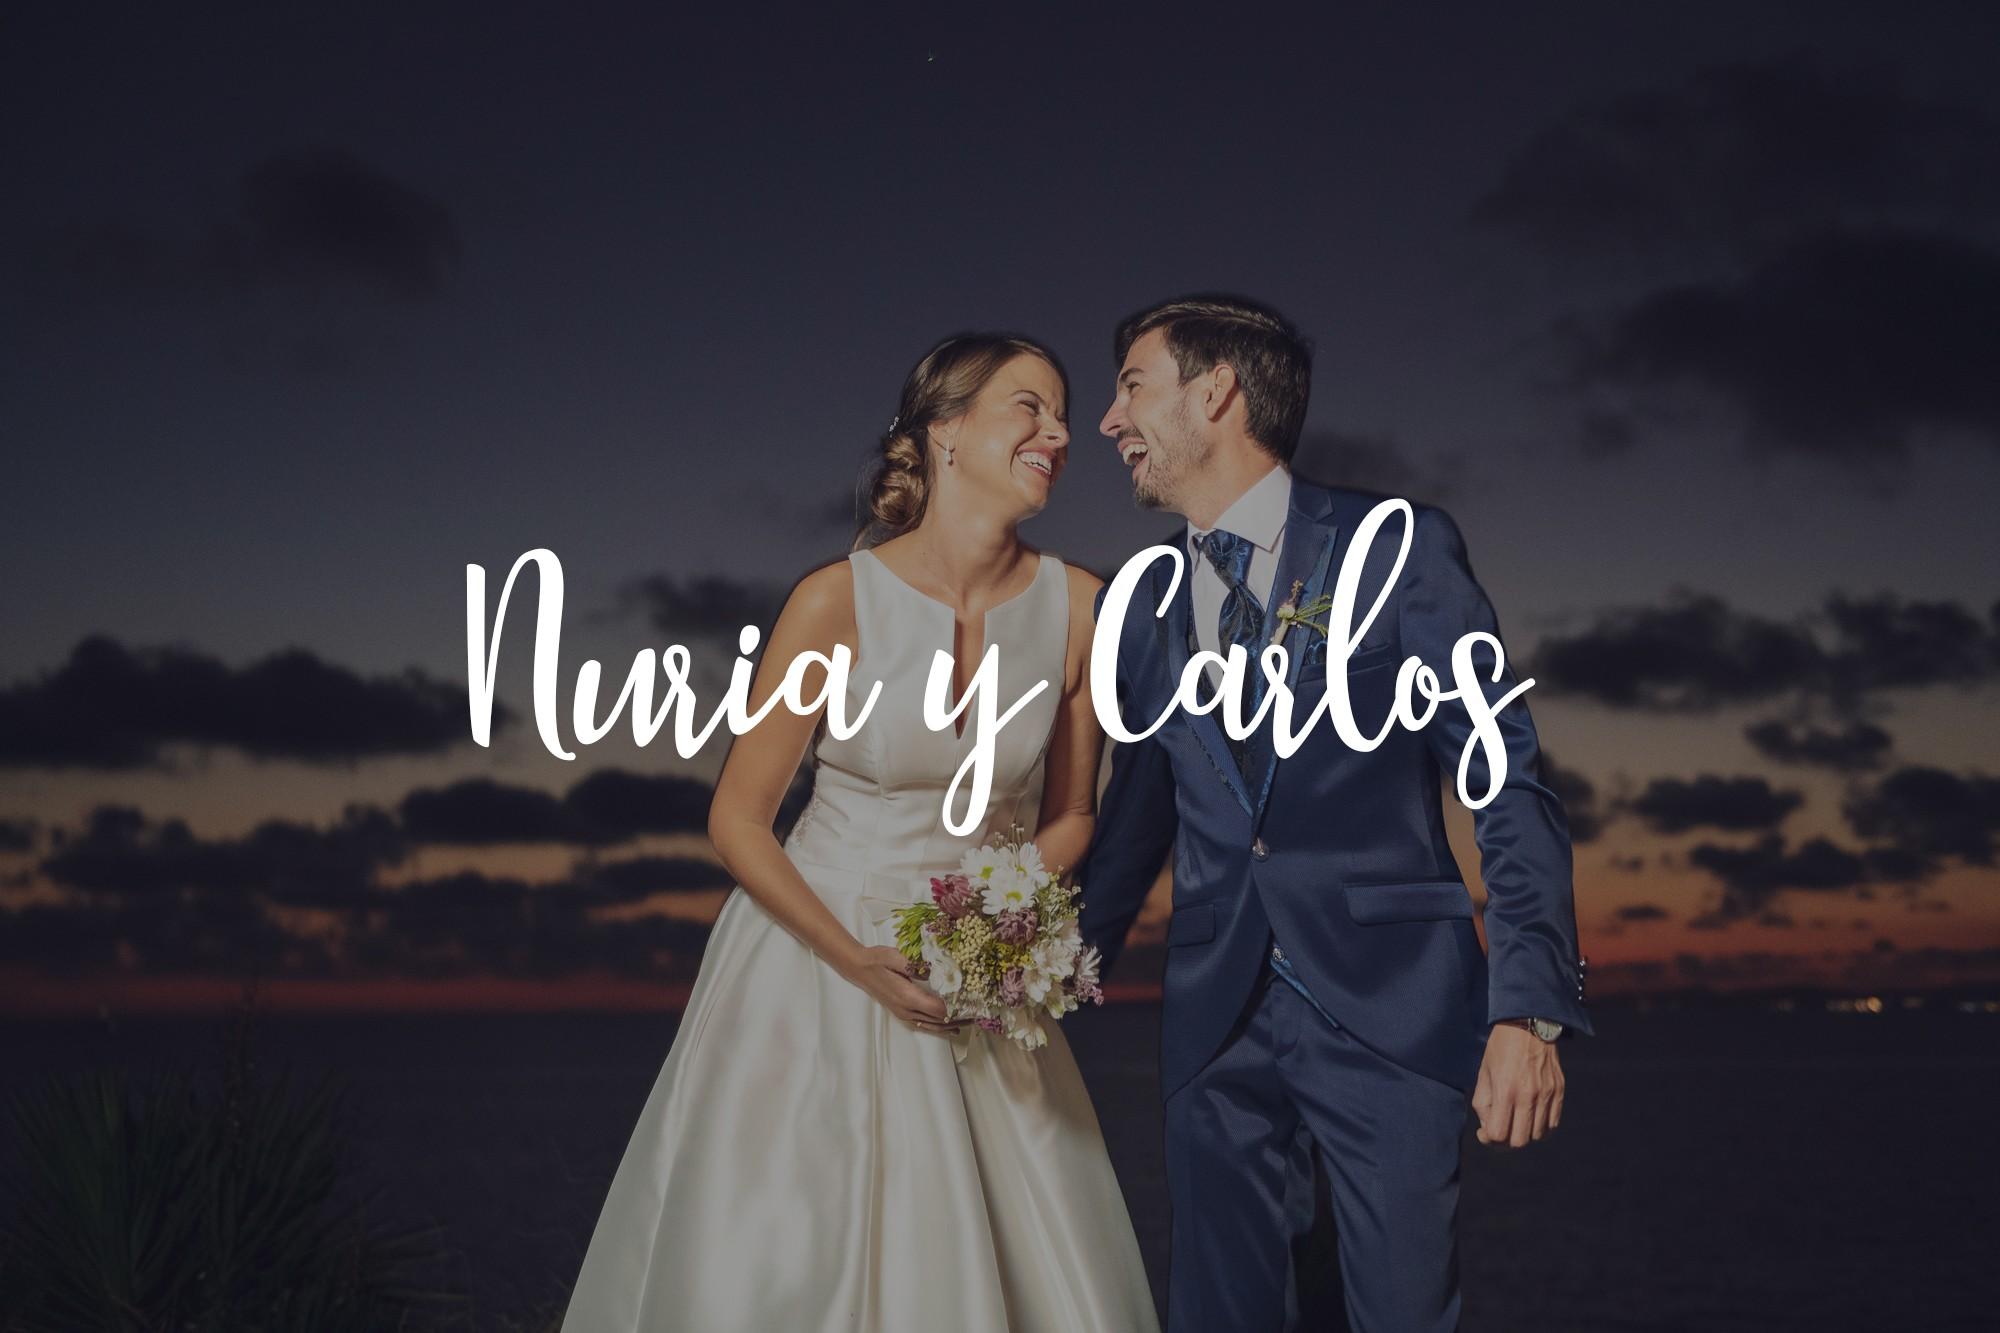 001.1-Fotos Boda de Nuria y Carlos